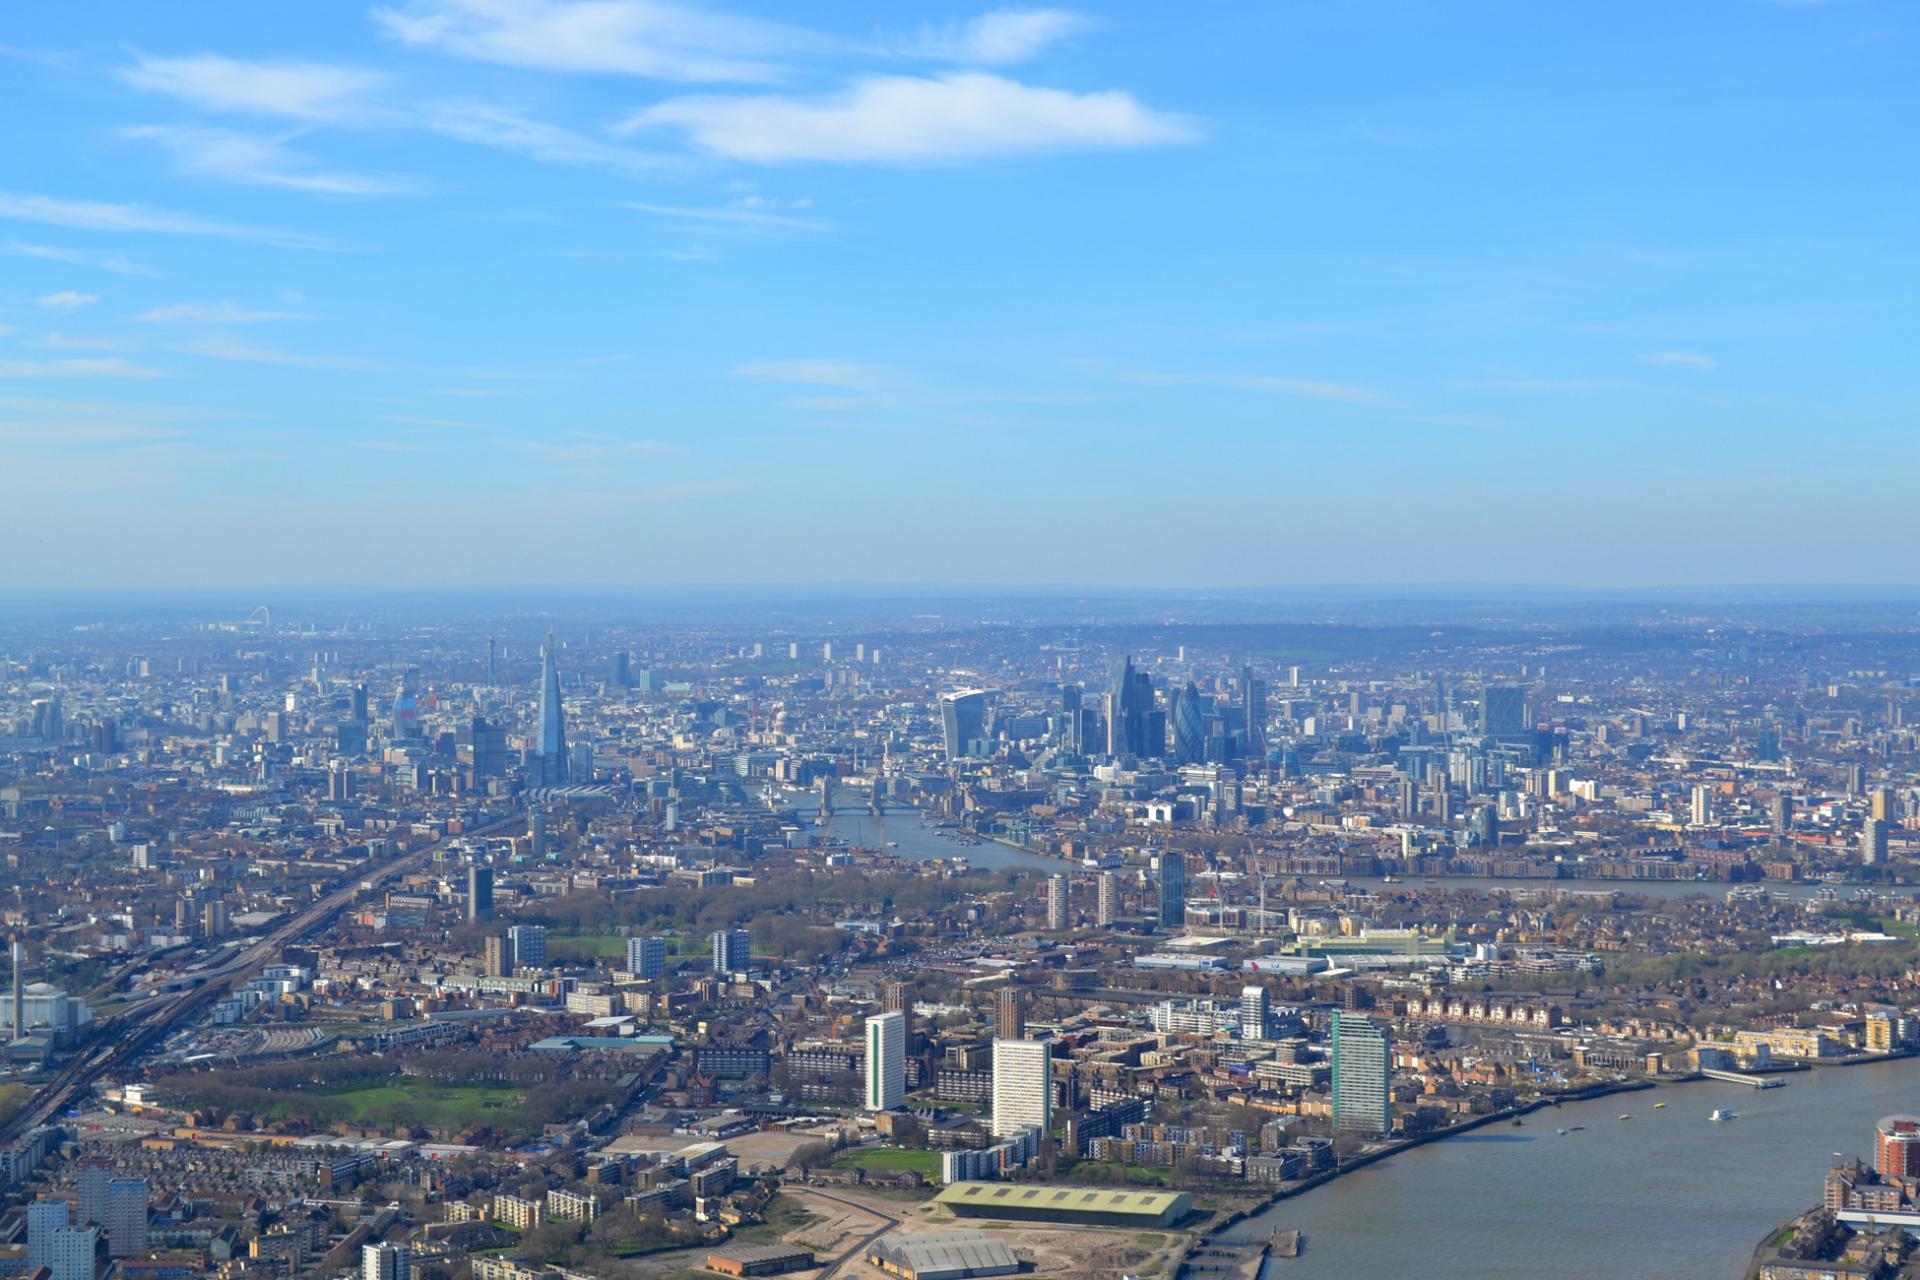 Londres desde el aire desde nuestro paseo en helicoptero